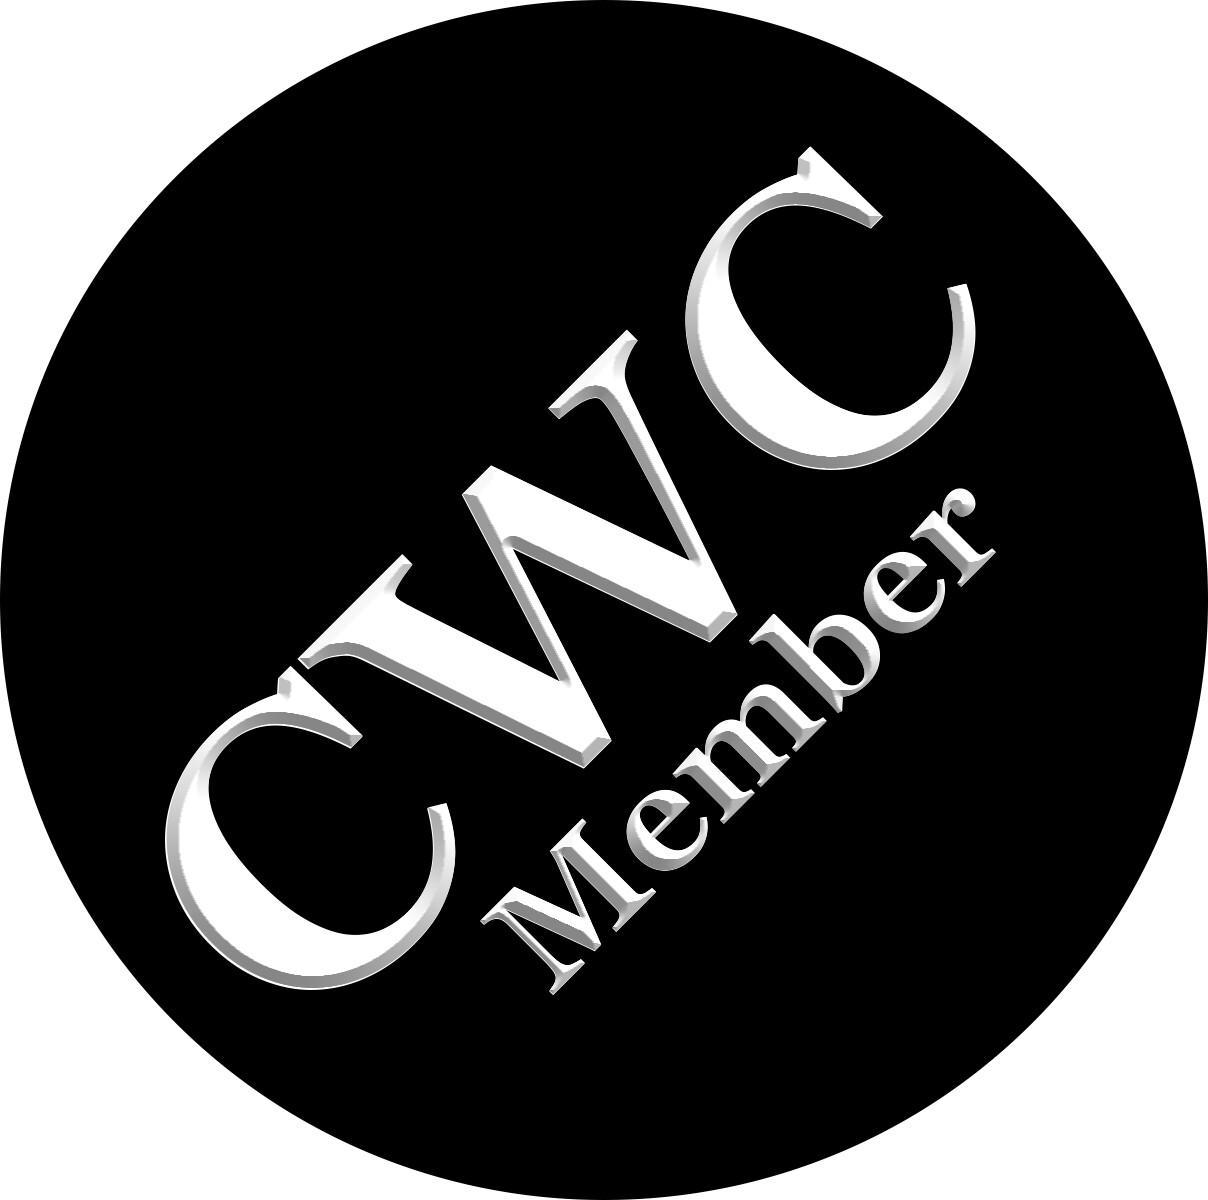 2020 Membership - Professional Author Member RENEWAL